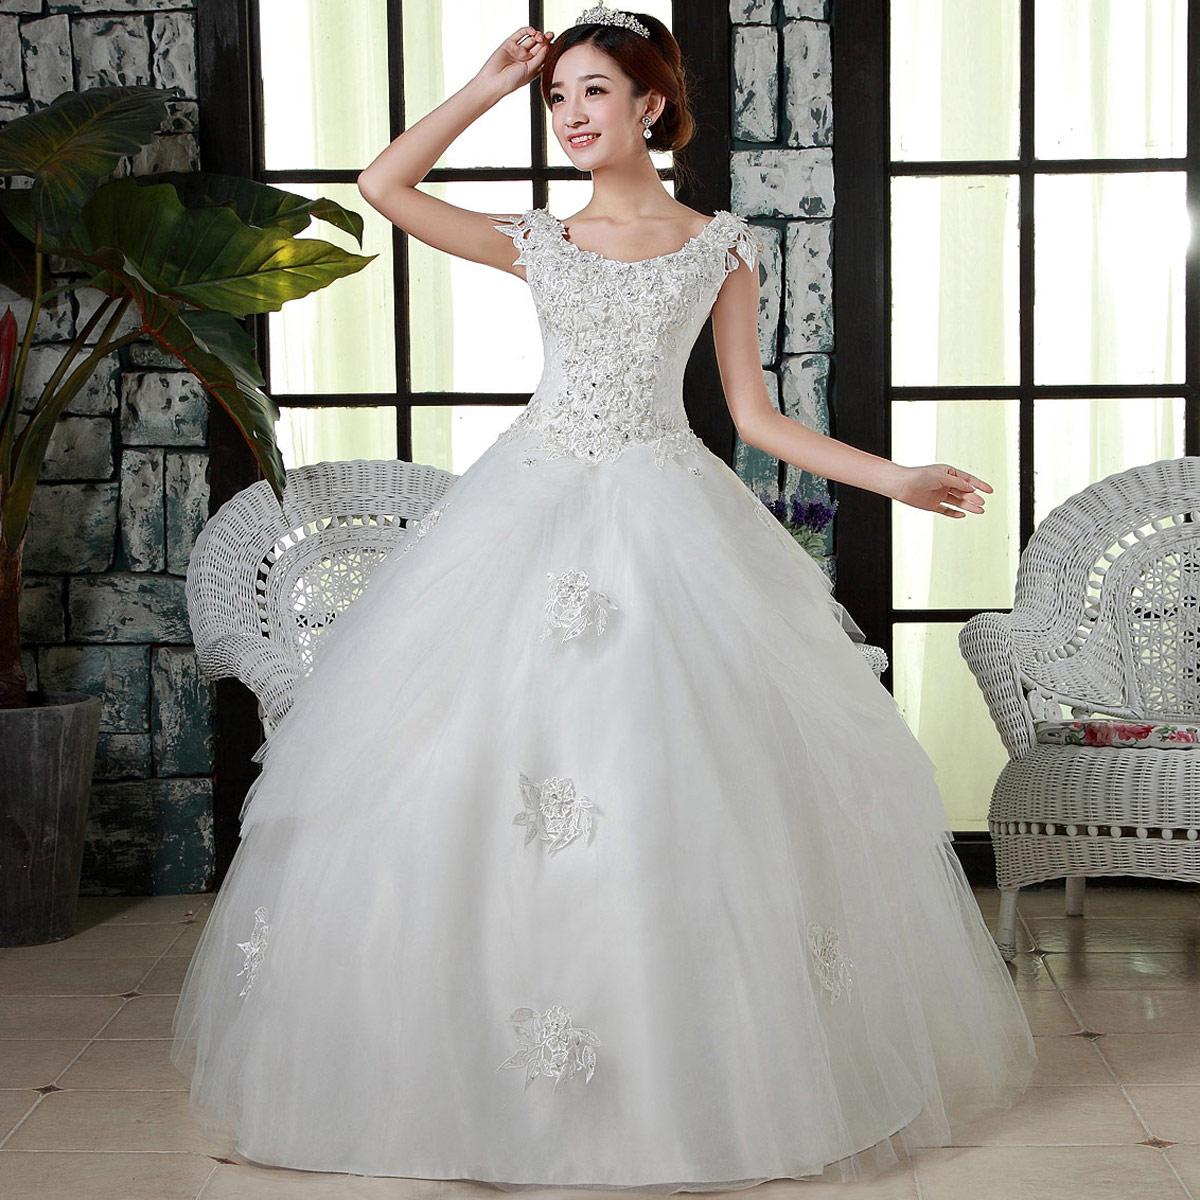 情海新娘婚纱礼服最新款2013韩版齐地包肩蕾丝宫廷绑带婚纱HS704